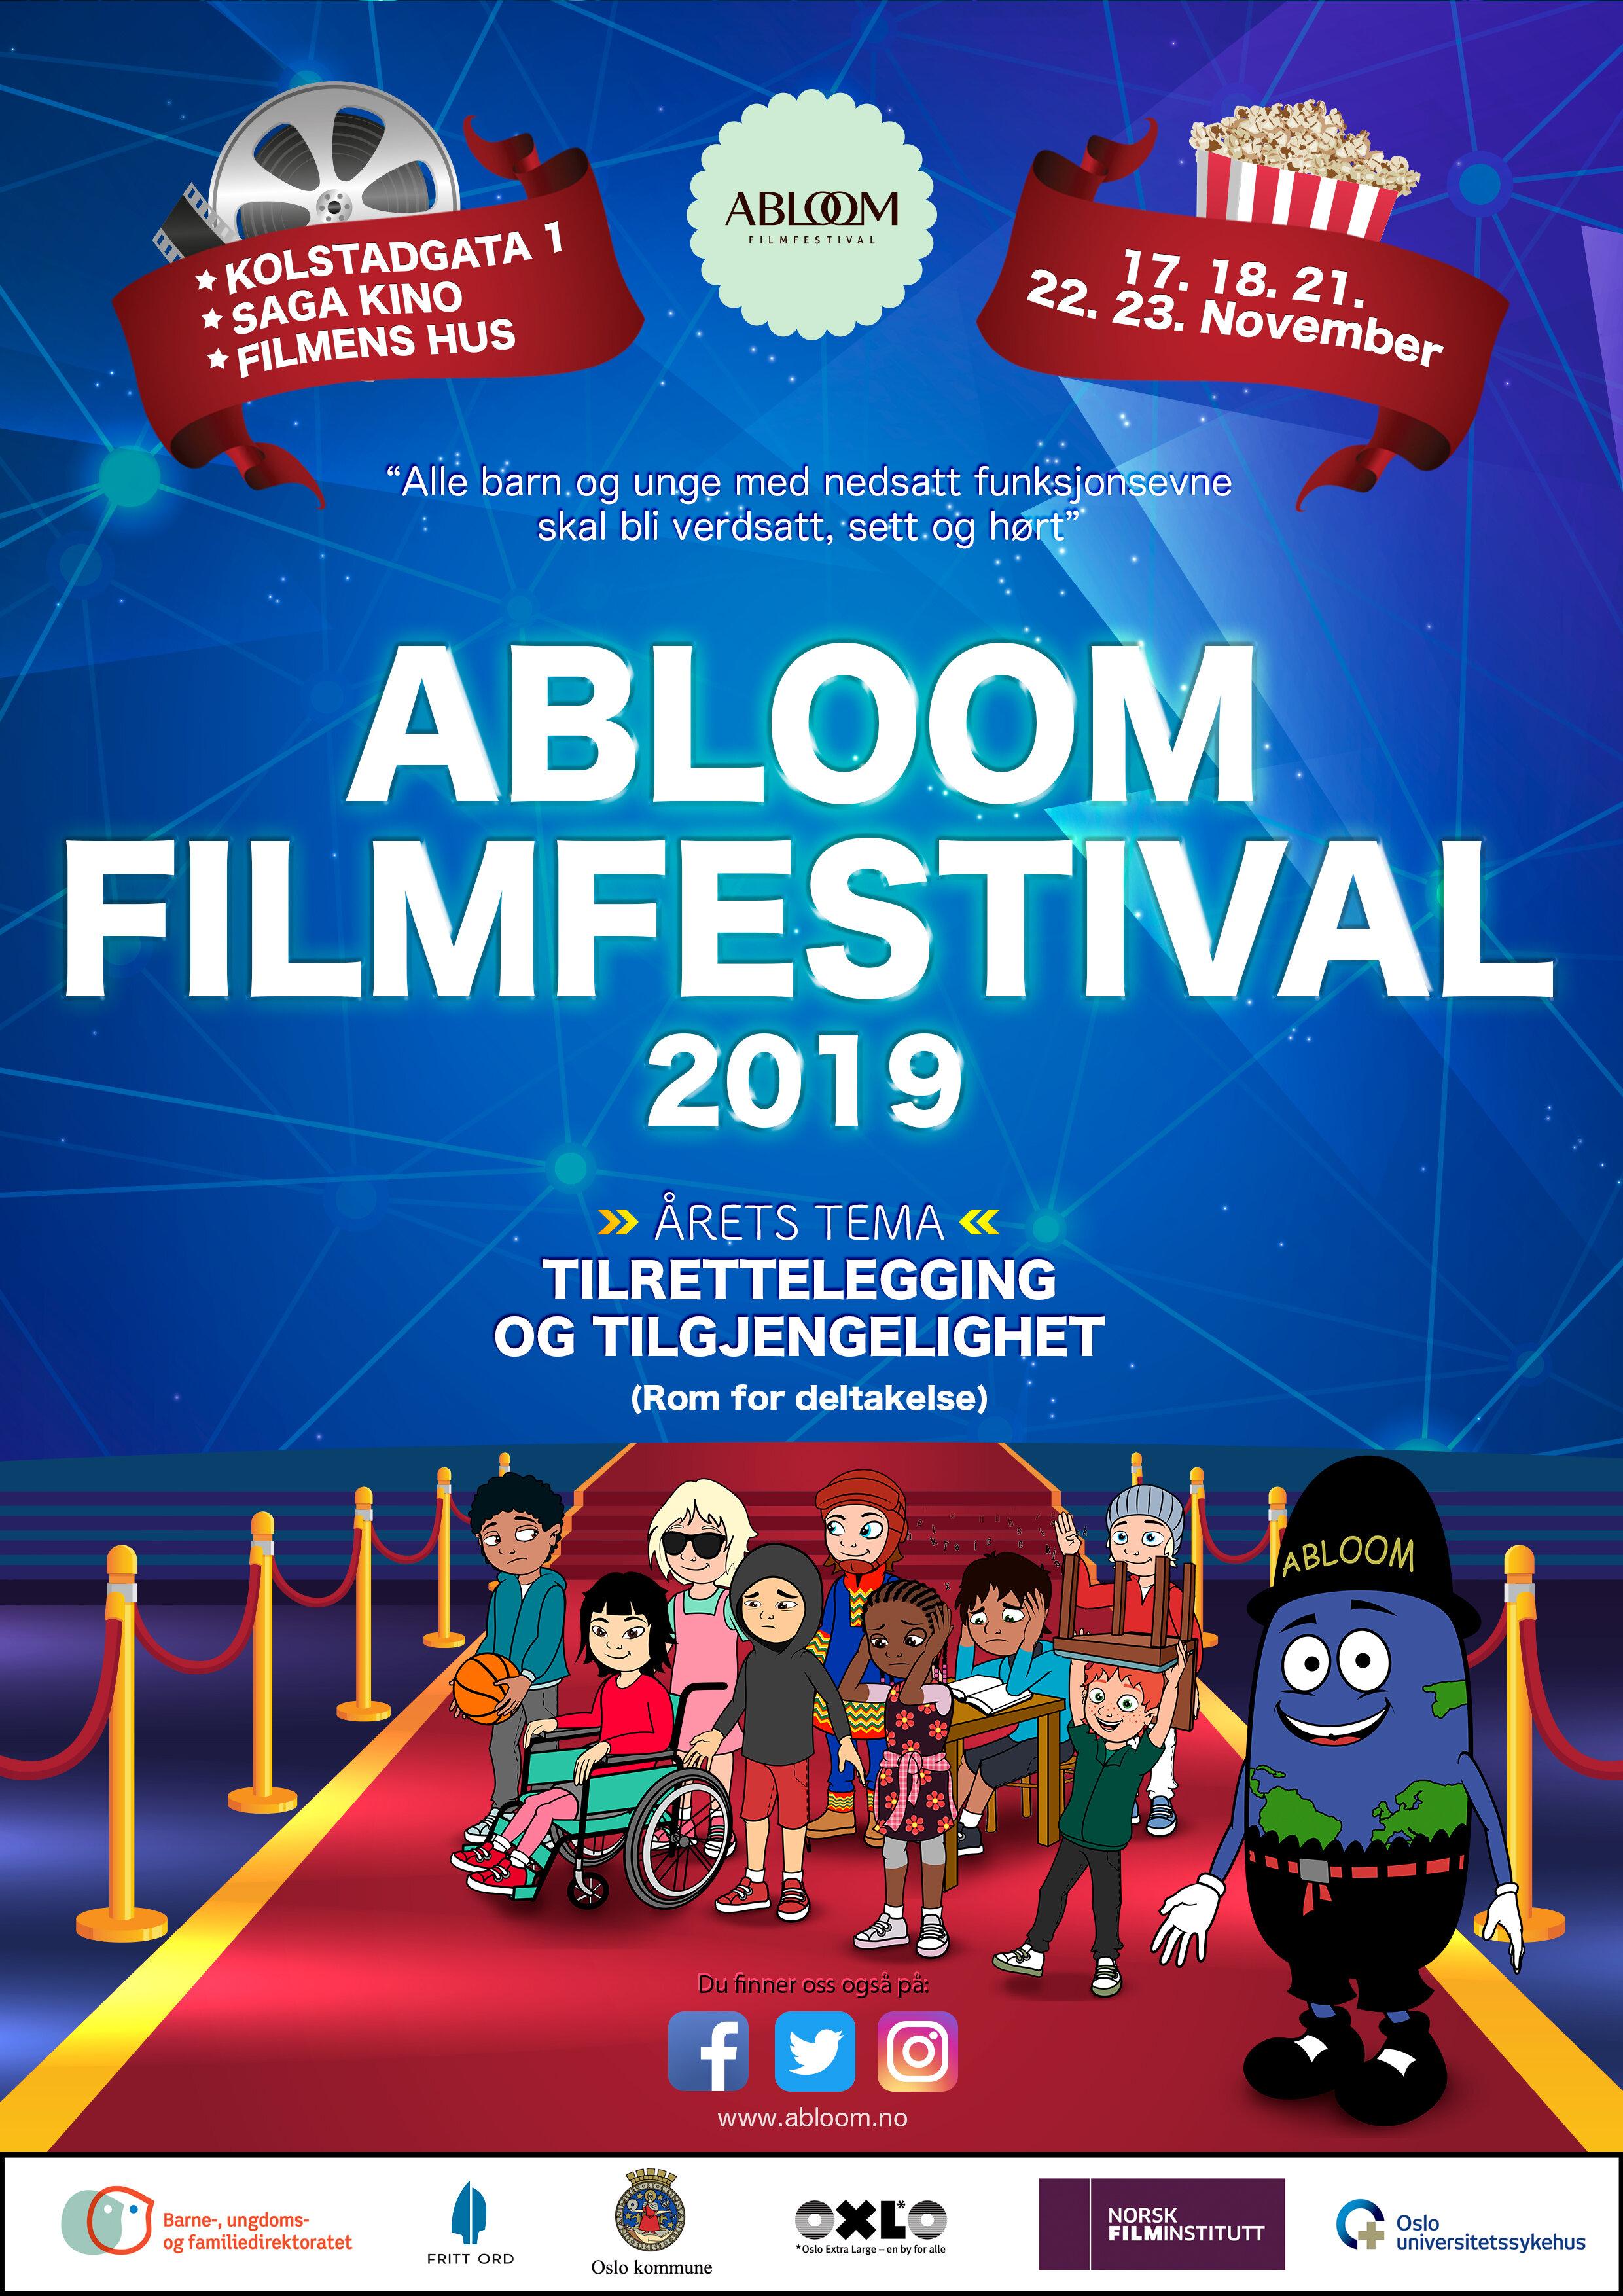 Plakaten for Abloom filmfestival 2019.